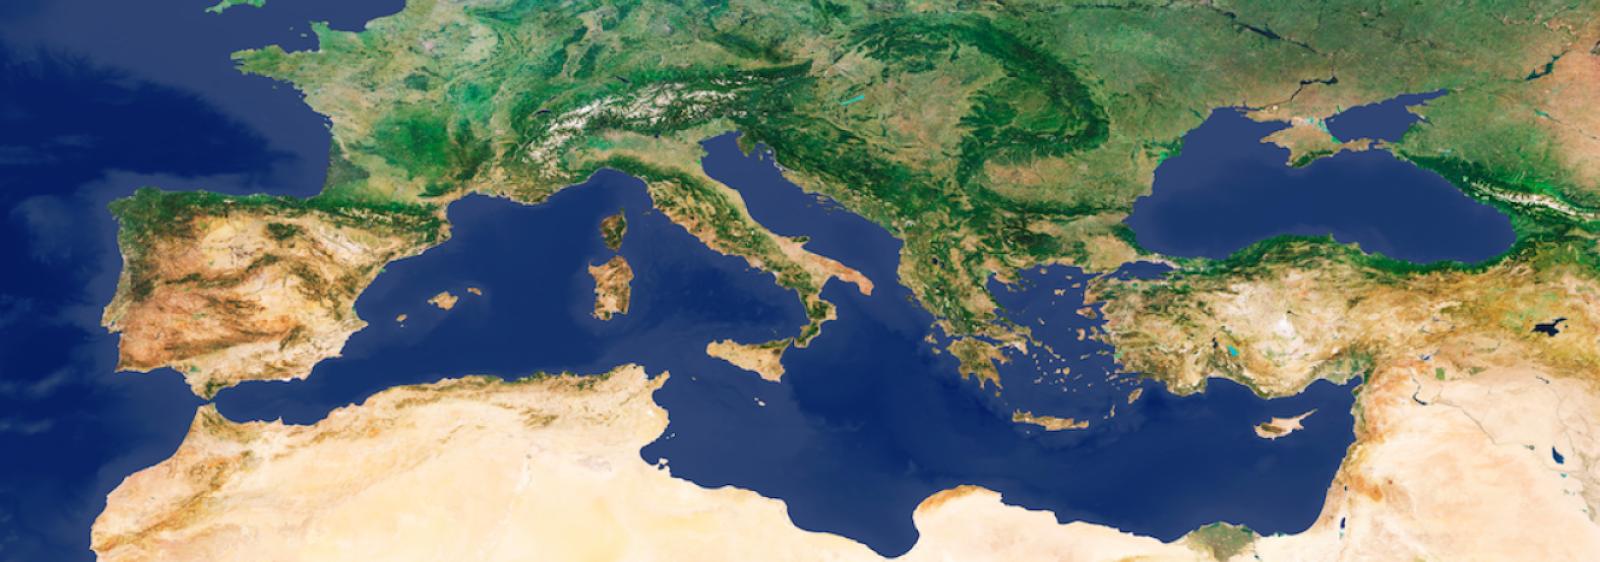 Europa sense núvols